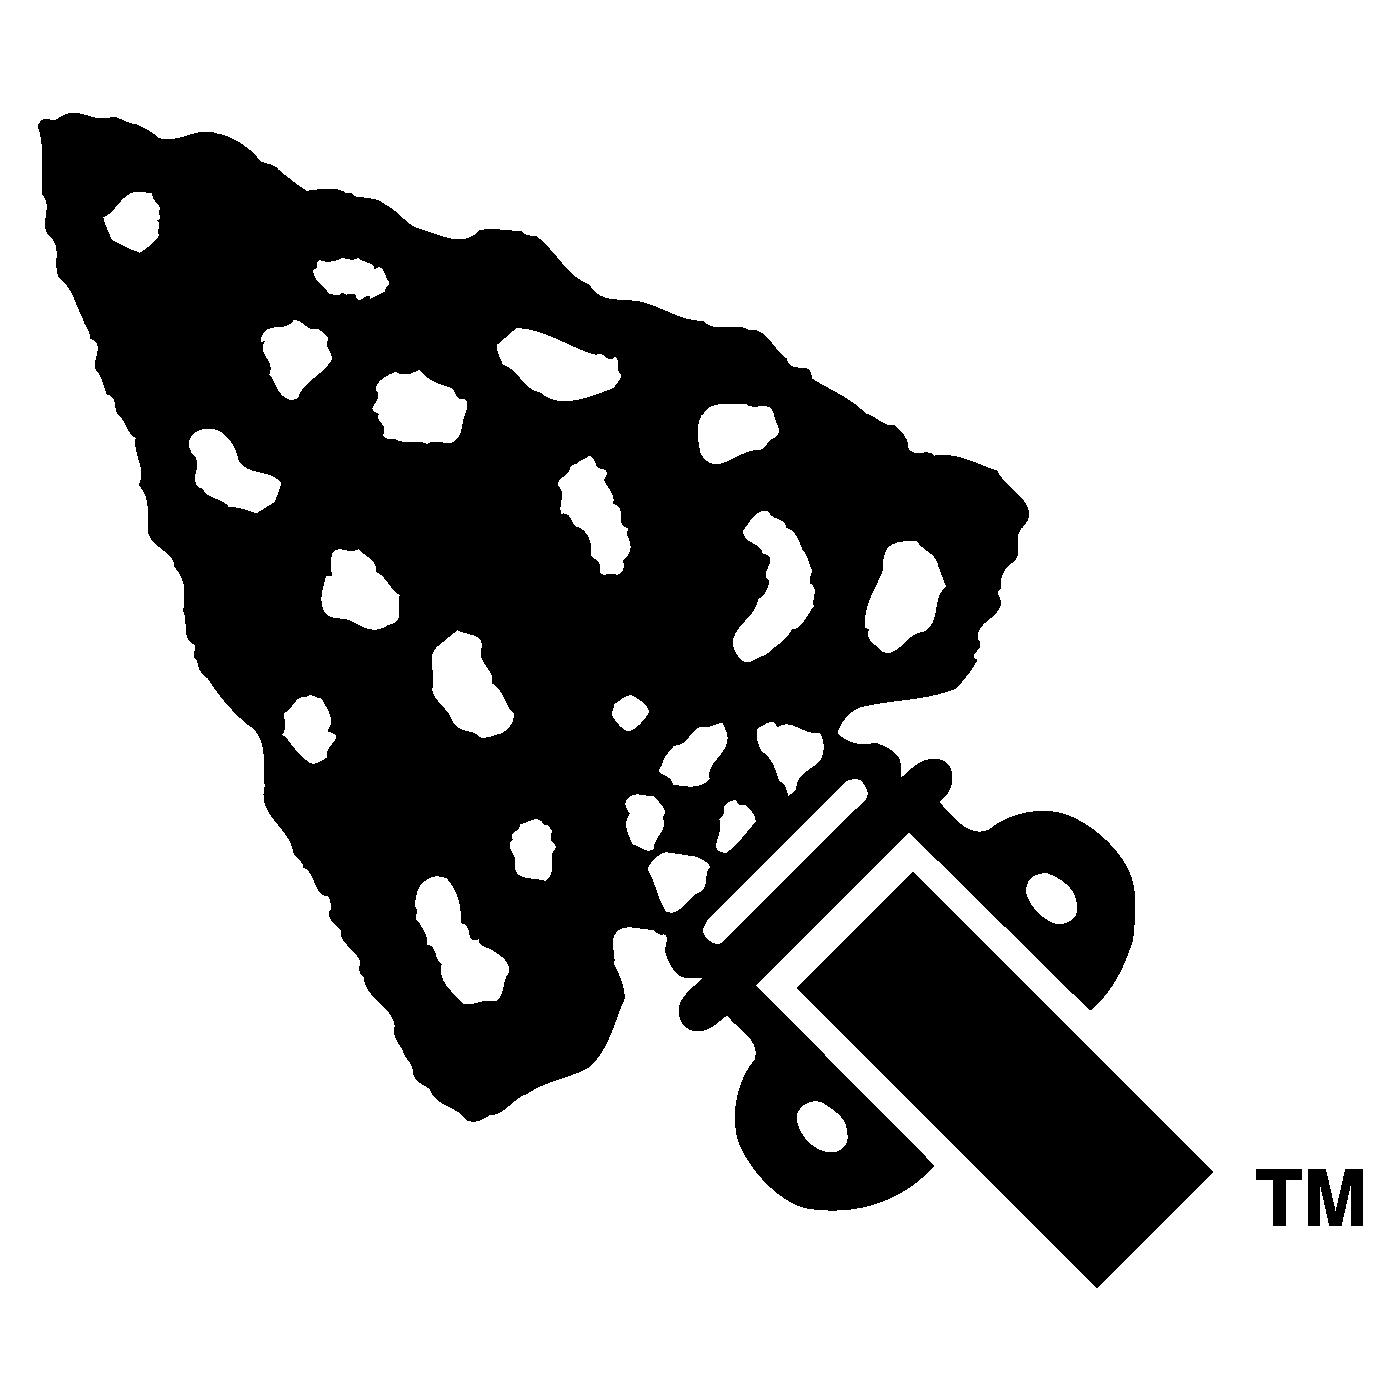 OA trademark